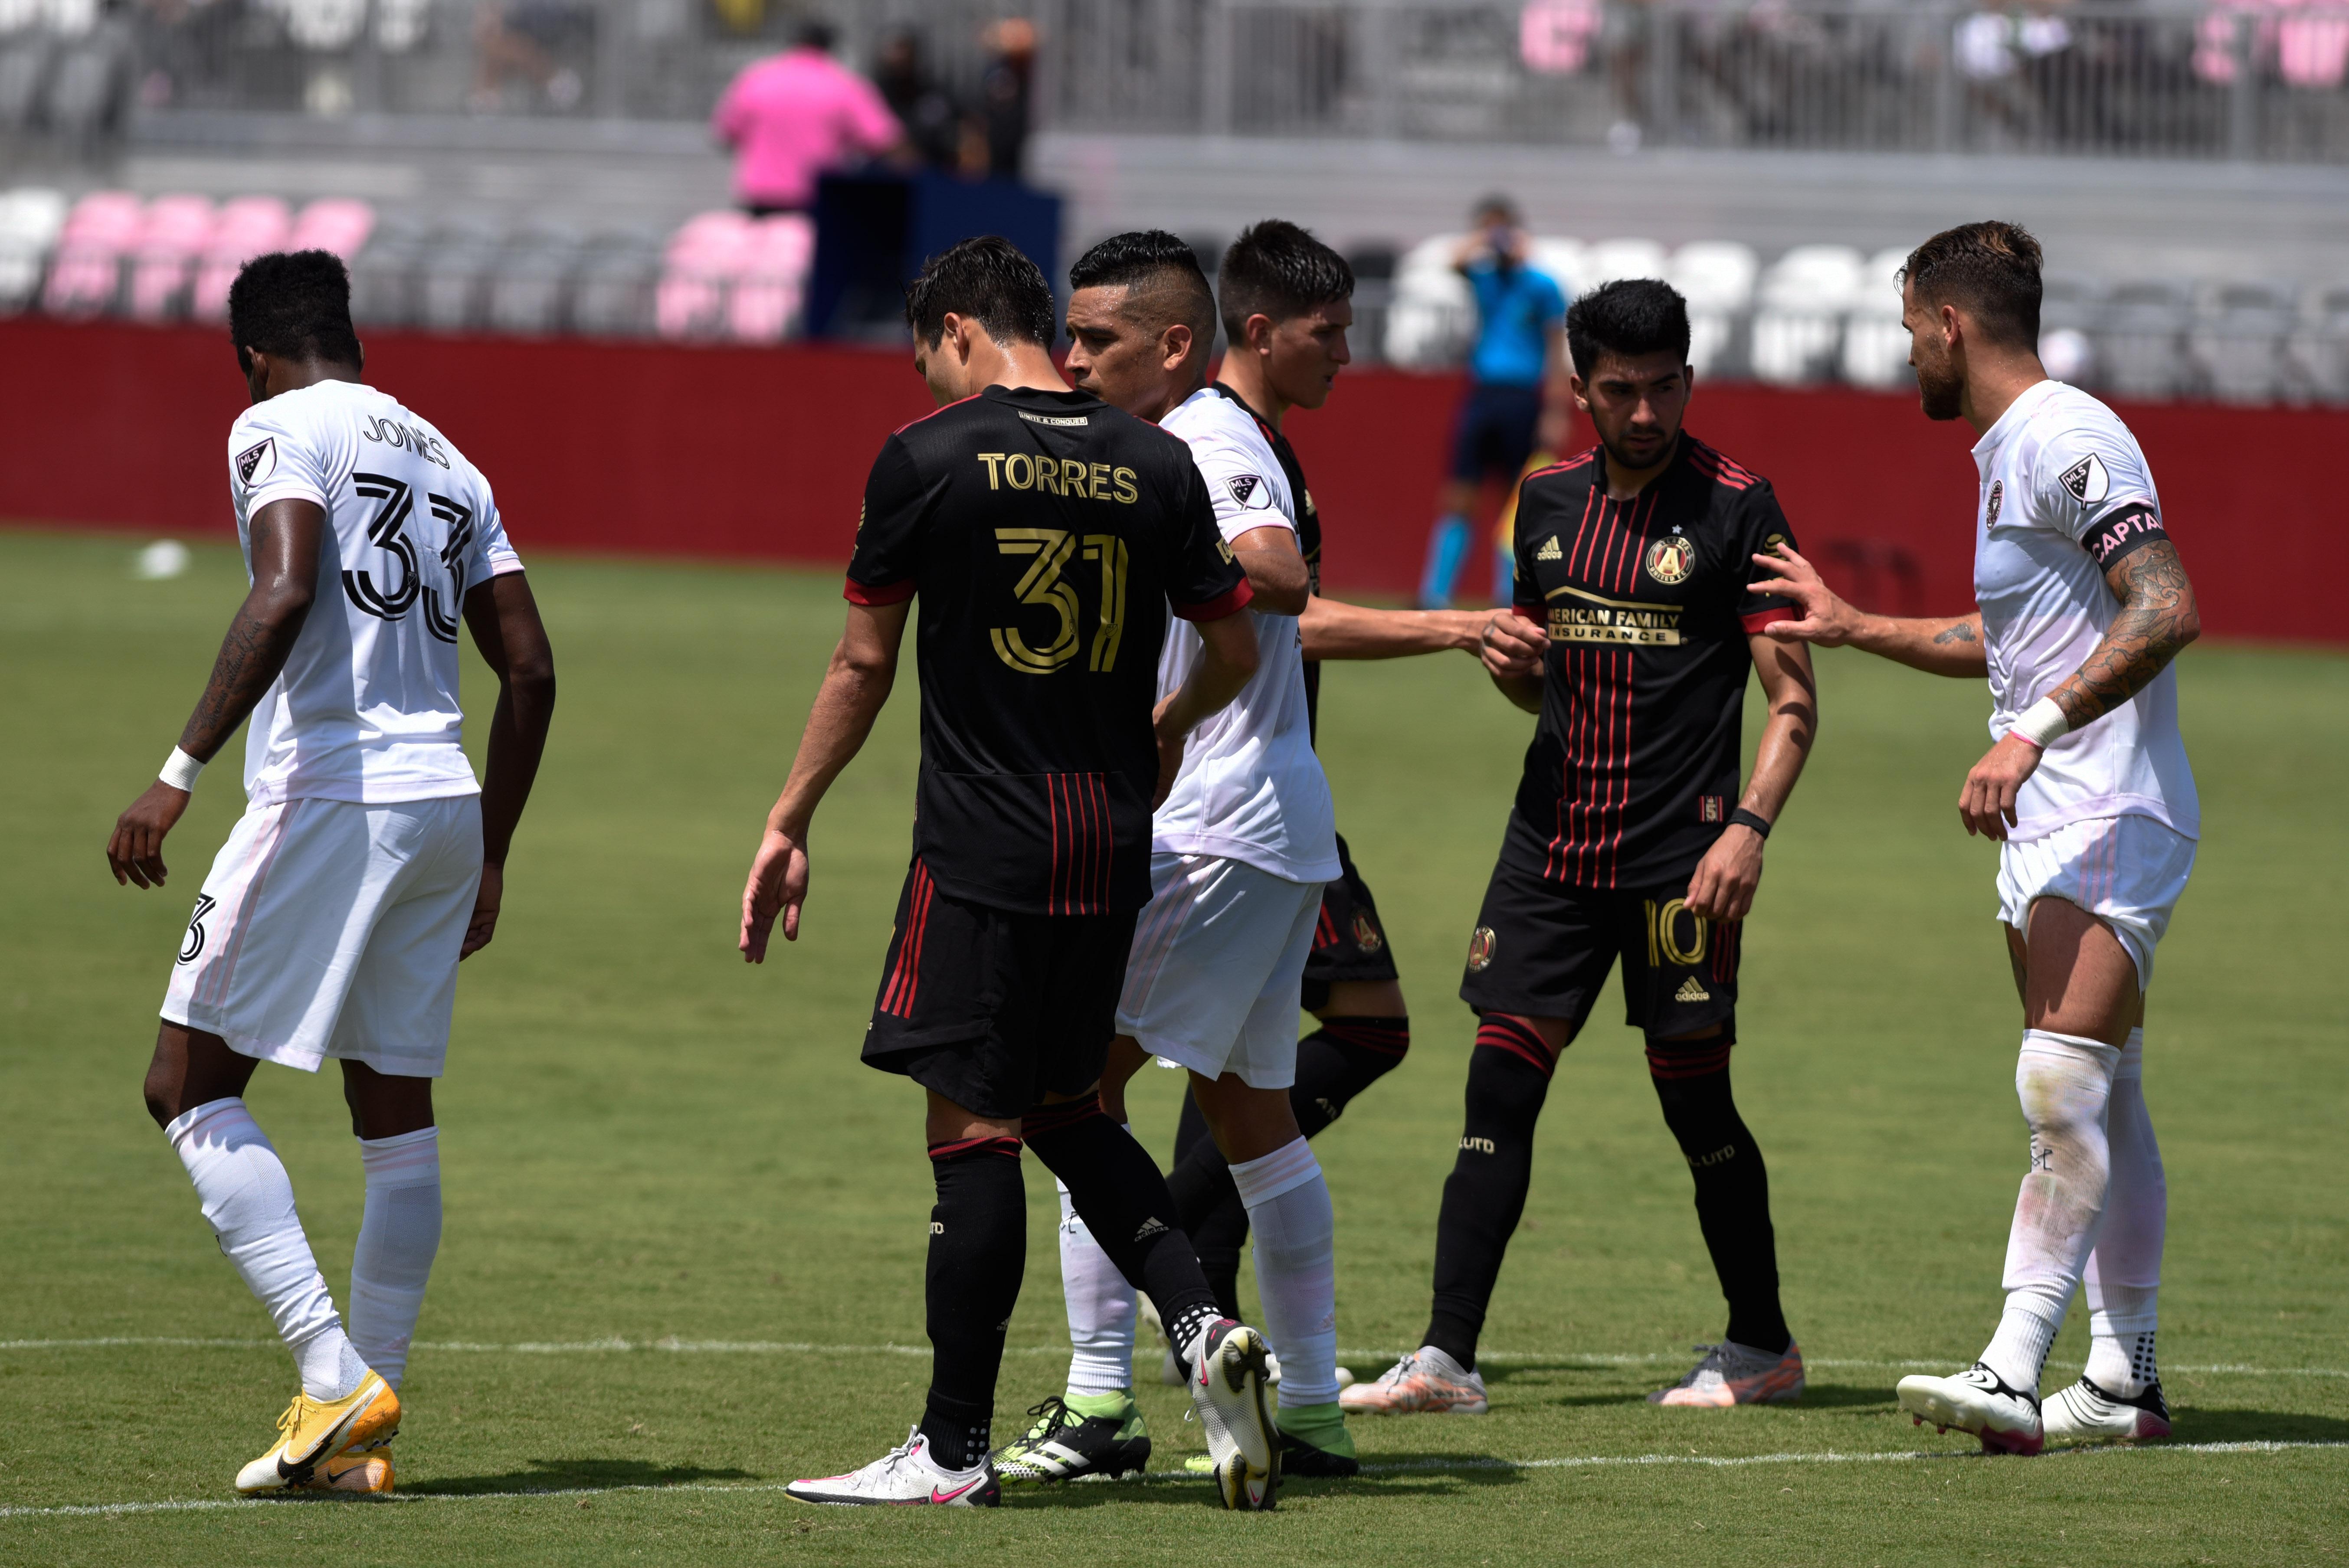 SOCCER: MAY 09 MLS - Atlanta United FC at Inter Miami CF